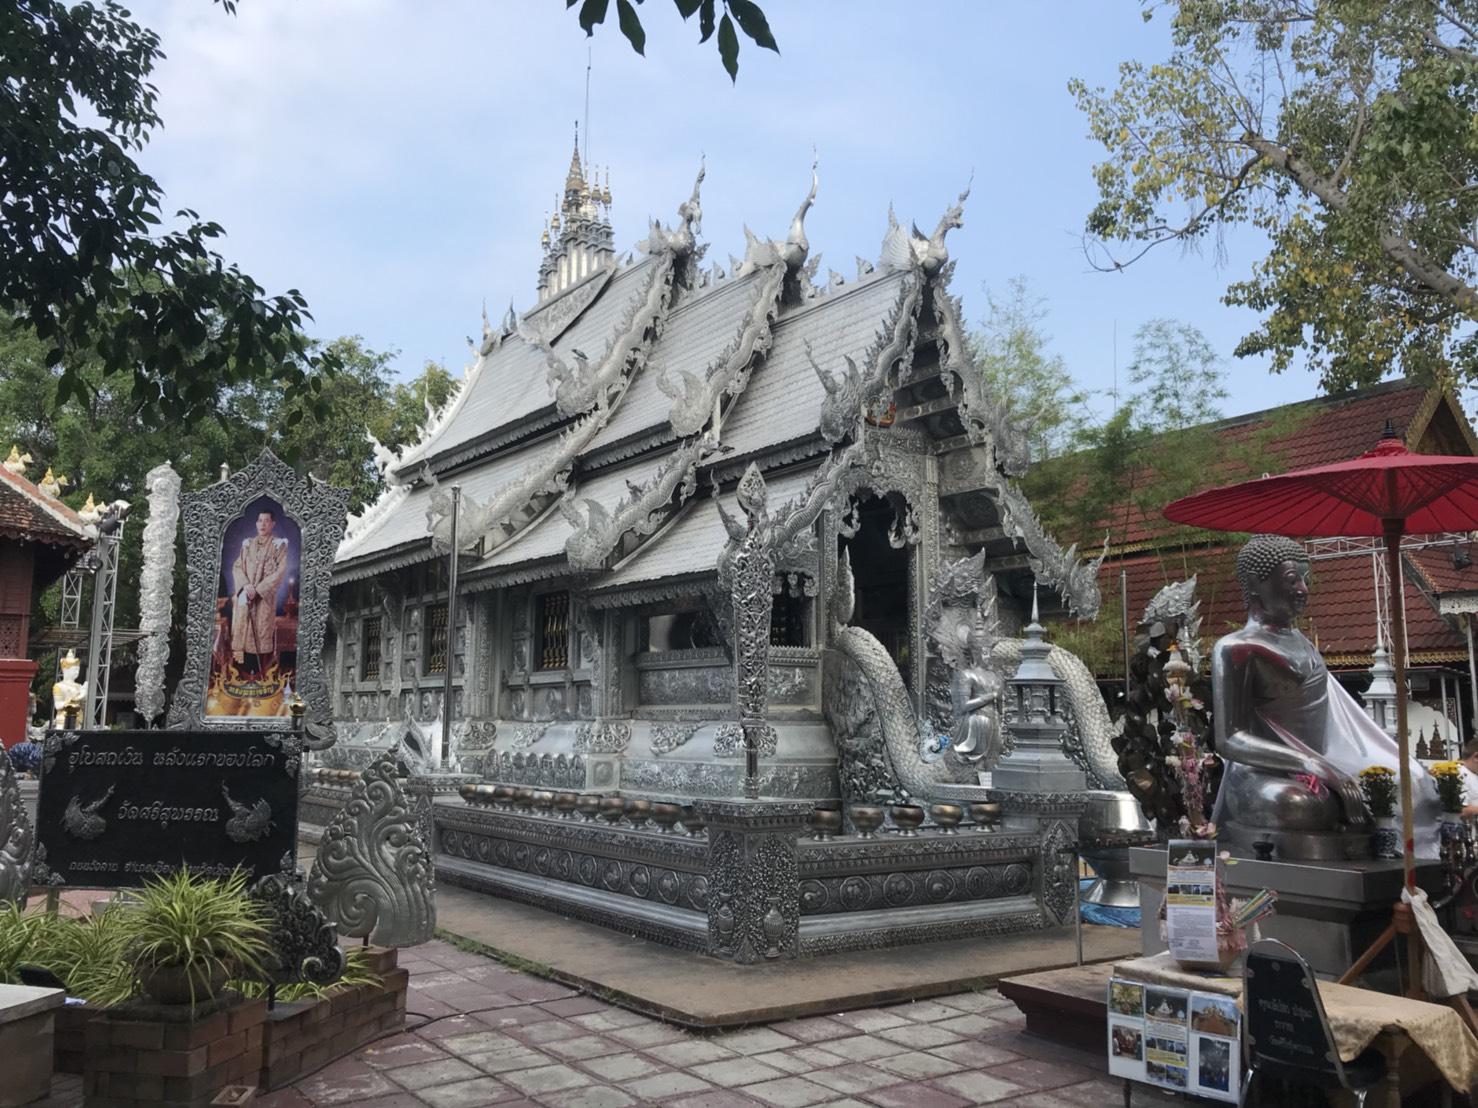 อุโบสถเงินแห่งเดียวในโลก ชาวบ้านทำบุญวันพระ ที่วัดศรีสุพรรณ จ.เชียงใหม่ -  Chiang Mai News